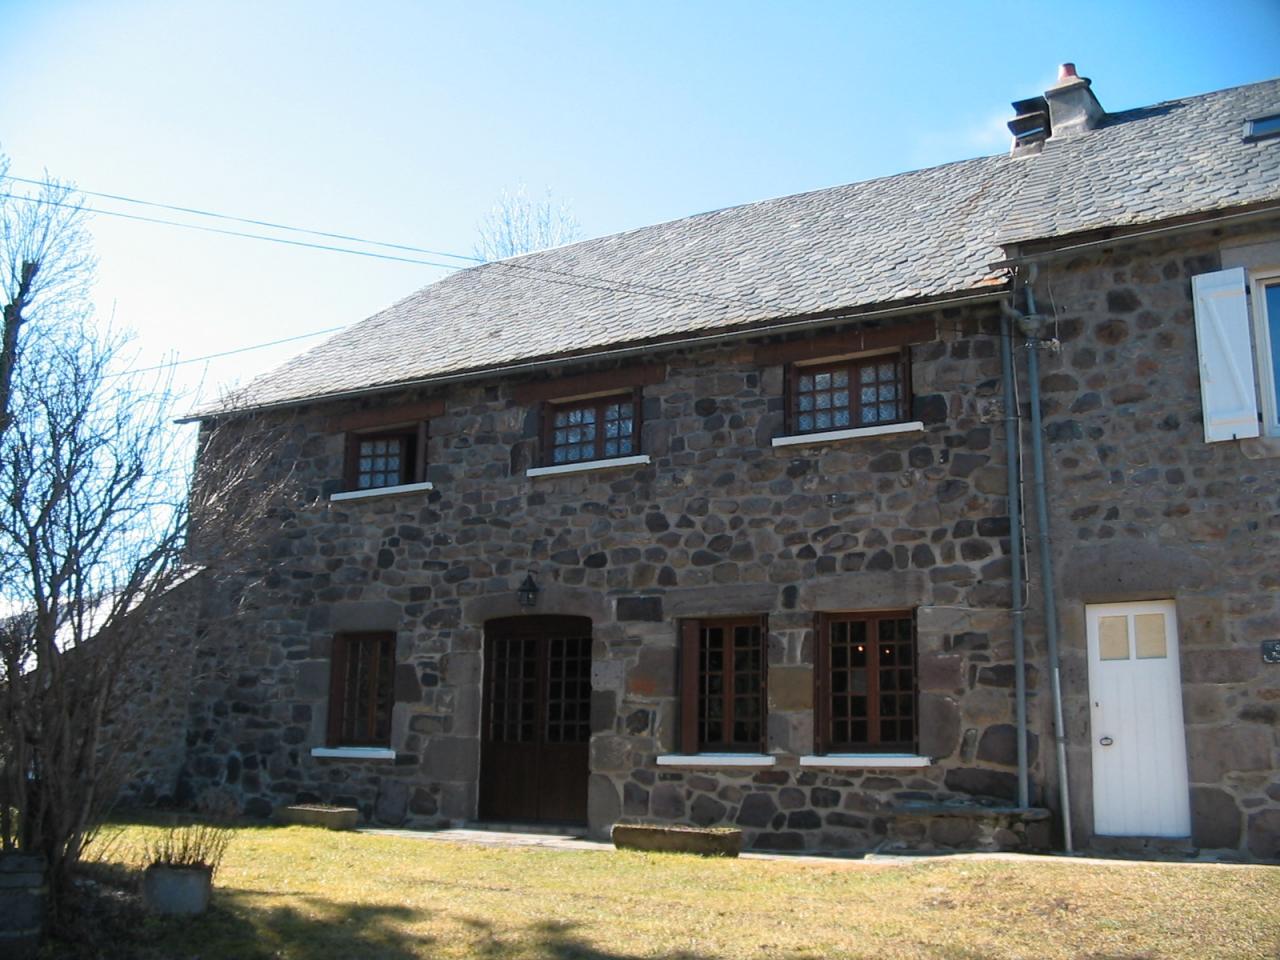 Cheylade, campagne: gite de Fouilloux (4 chambres)